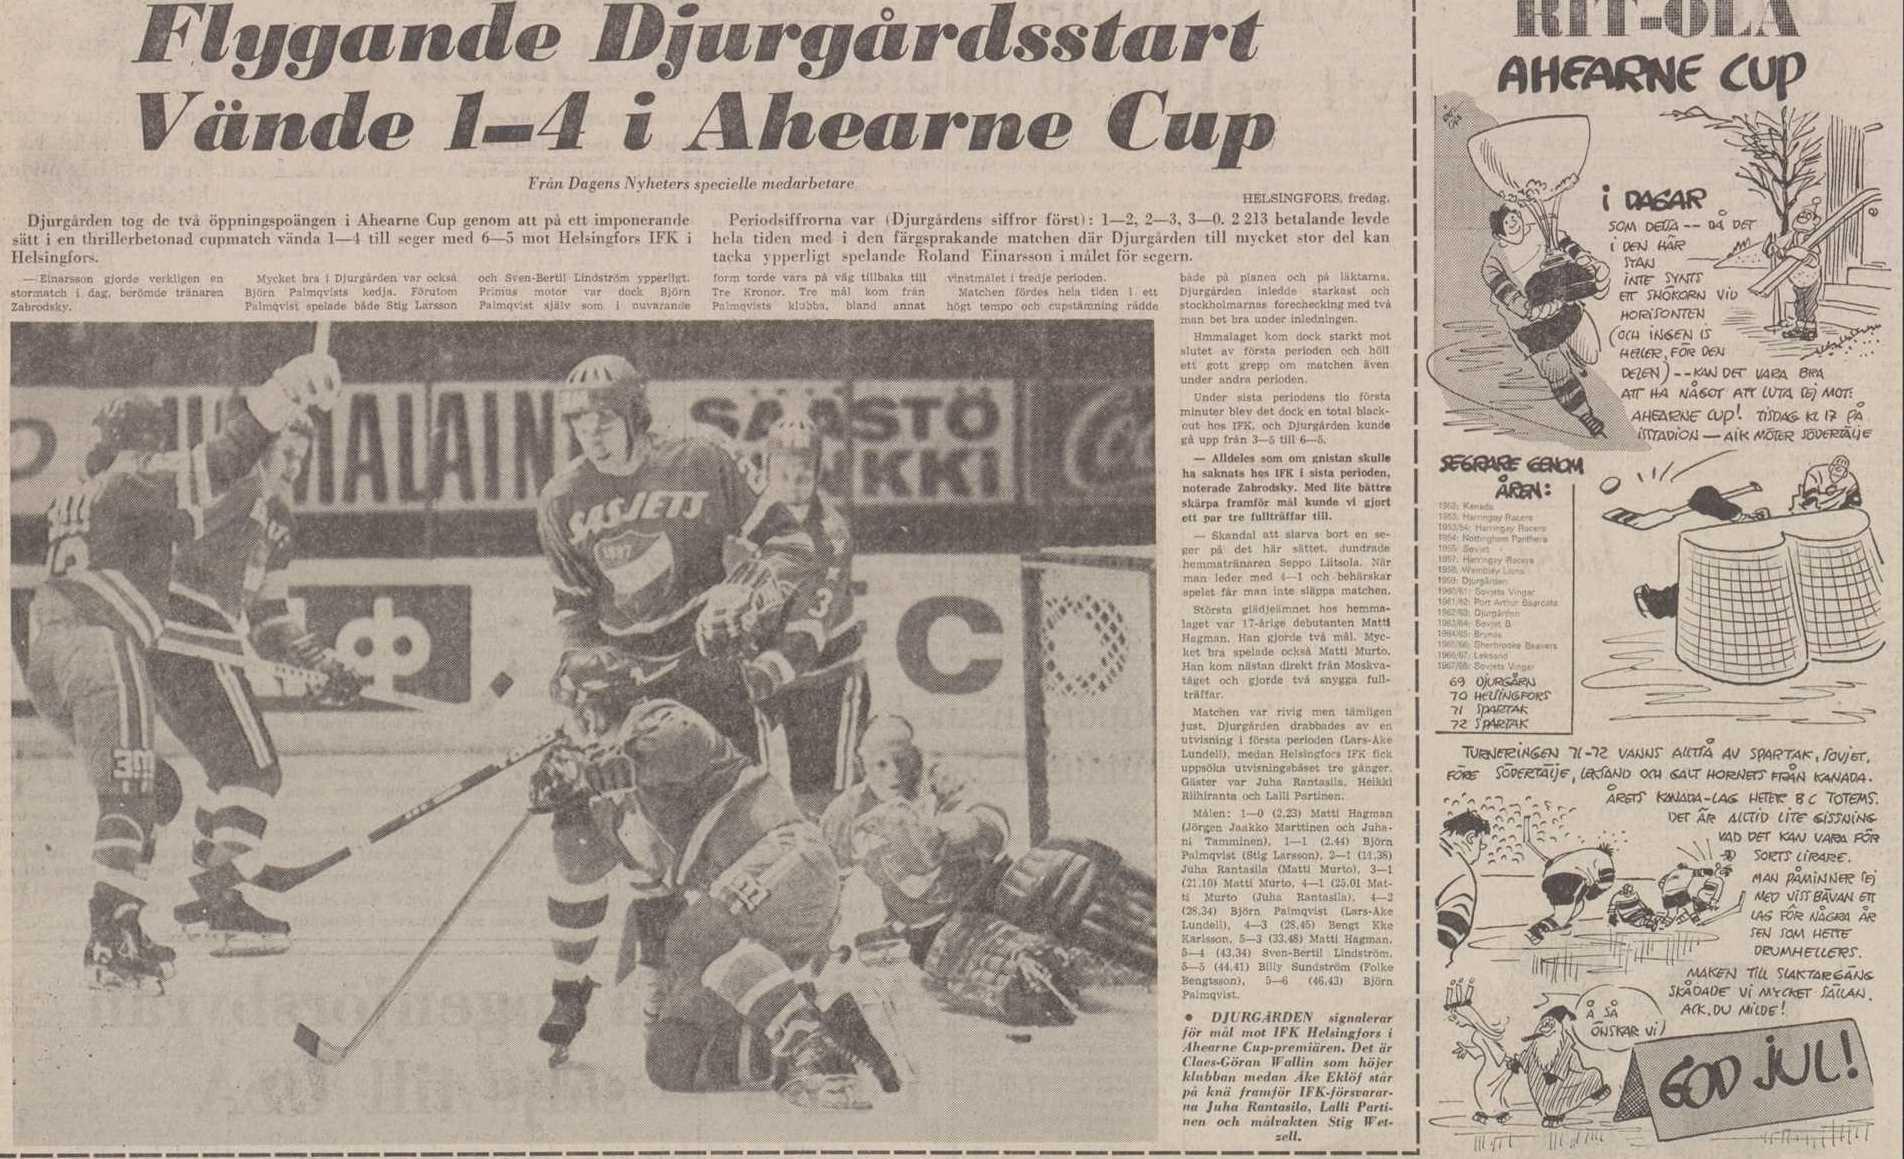 helbild-dagens-nyheter-lordag-23-december-1972-sida-20-1+.jpg